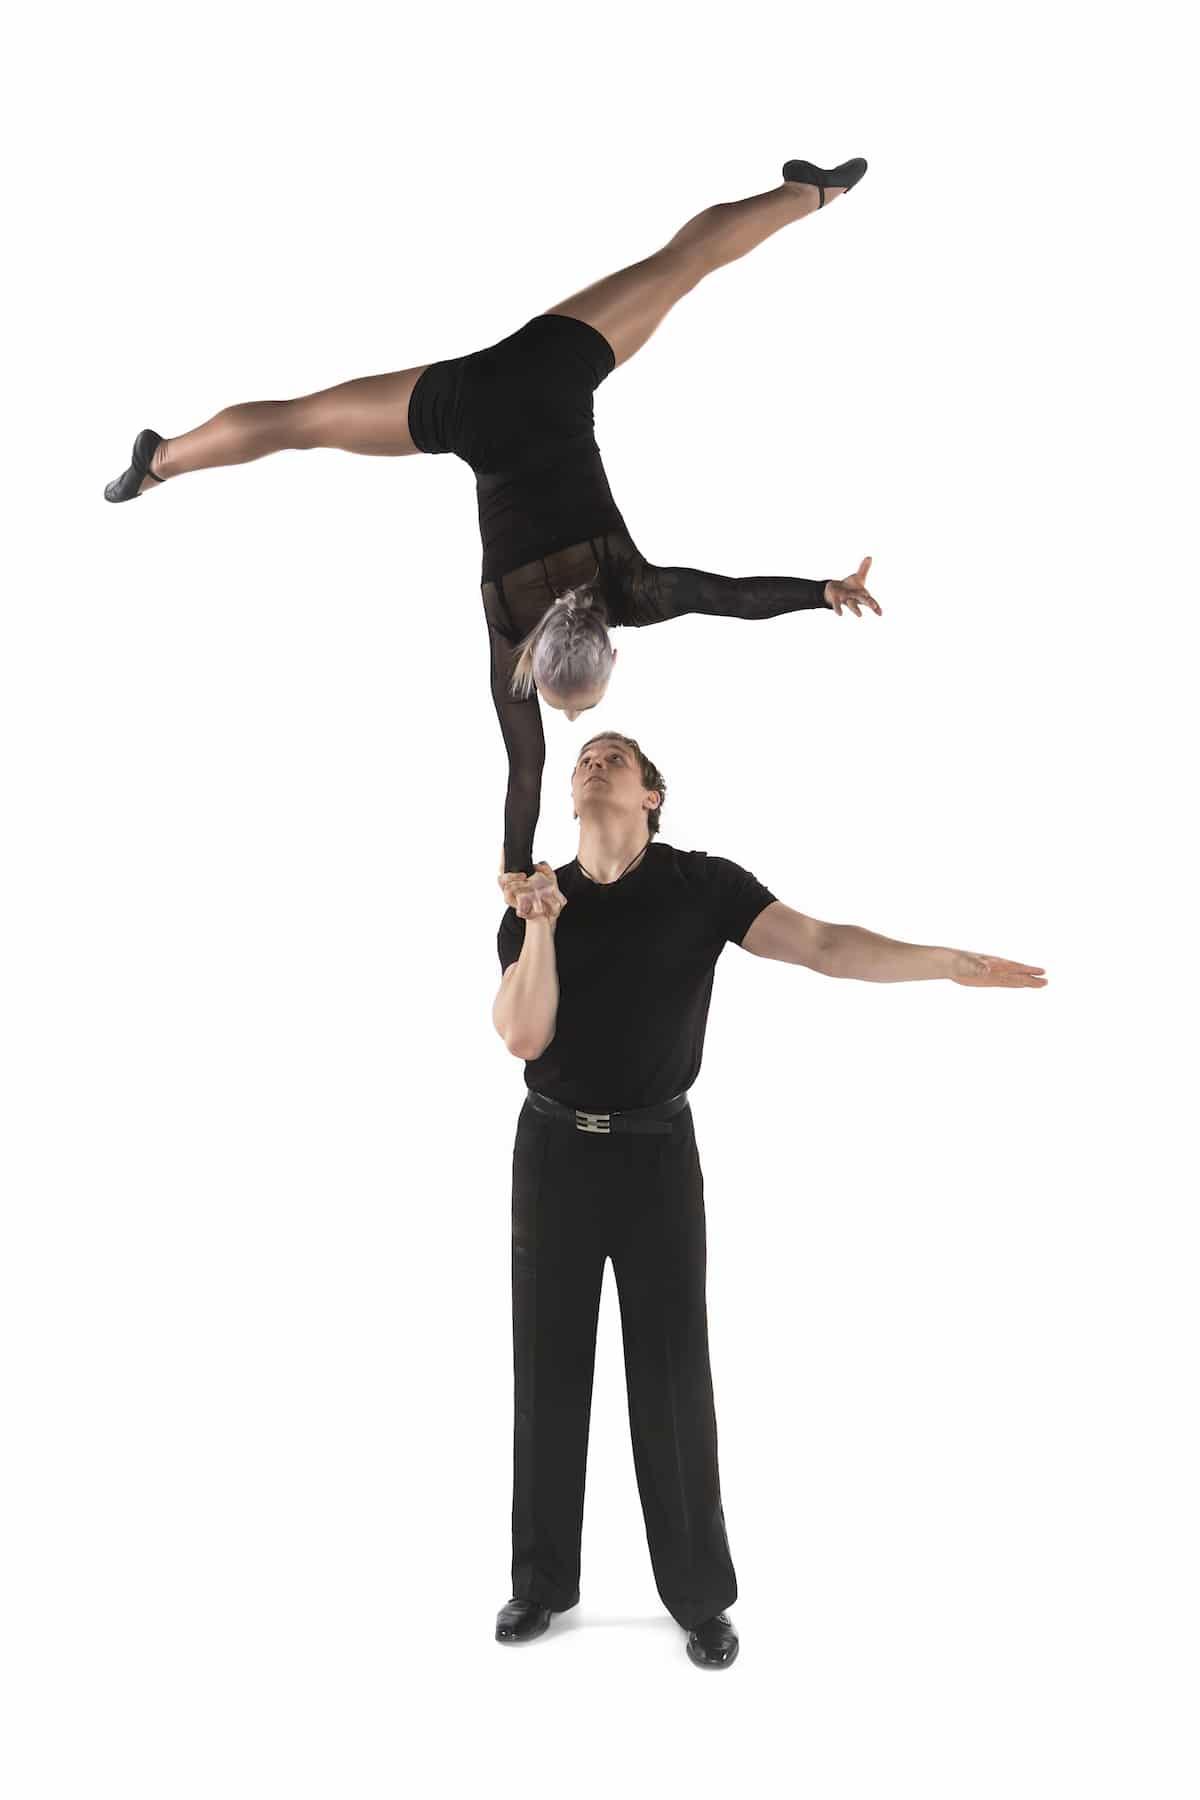 Magician Lauri doing partner acrobatics